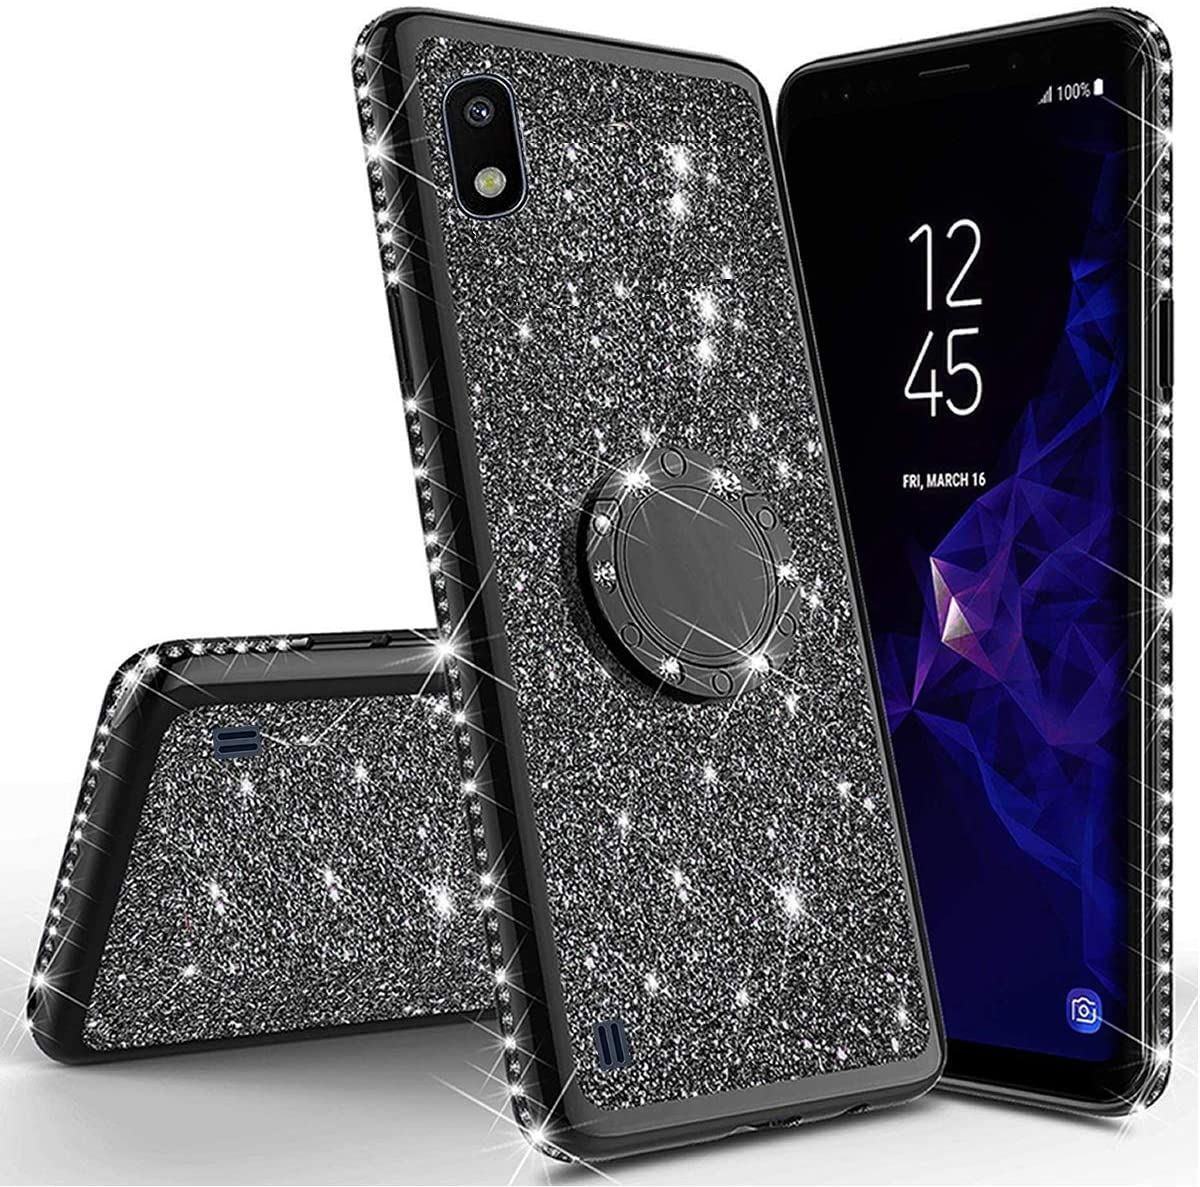 Miagon Bling Coque pour Samsung Galaxy A10,Brillant Paillette Strass 360 Degr/é Diamant Supporter Tr/ès Mince Souple Silicone Bumper Housse Etui de Protection Case Cover